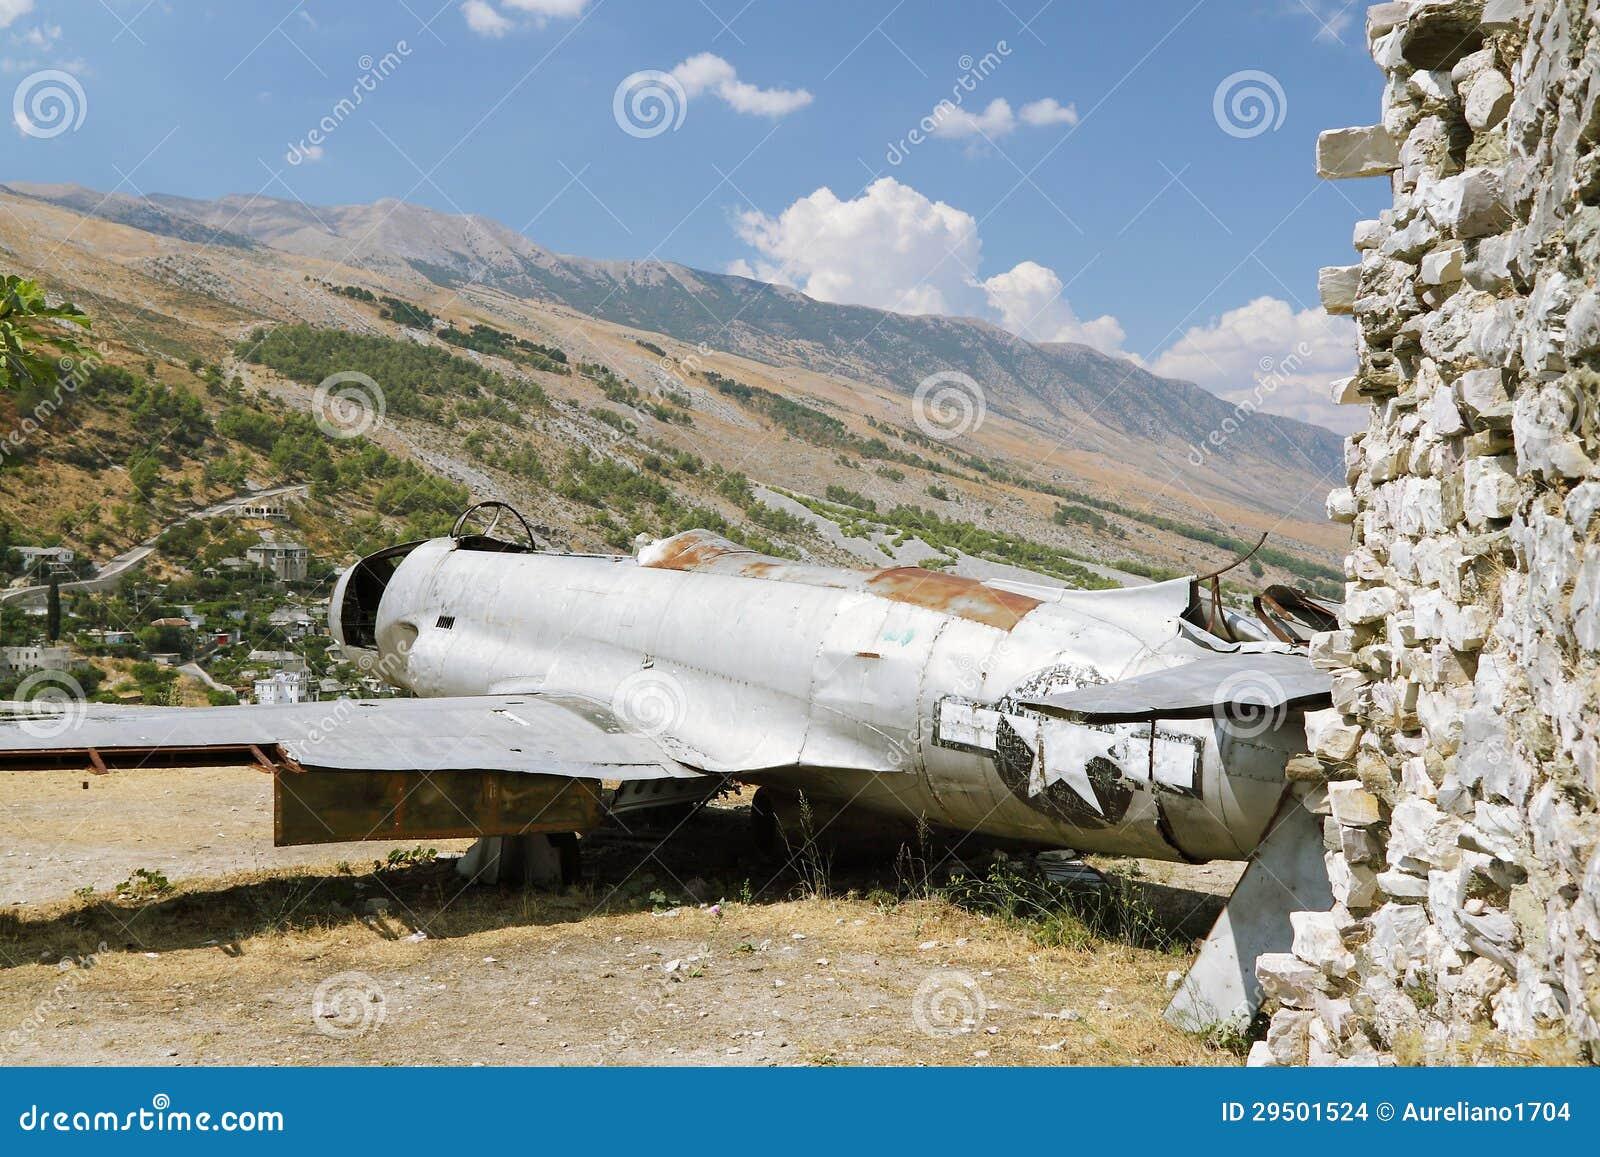 Albanië, Gjirokaster, Reamins van de Vliegtuigen van de USAF